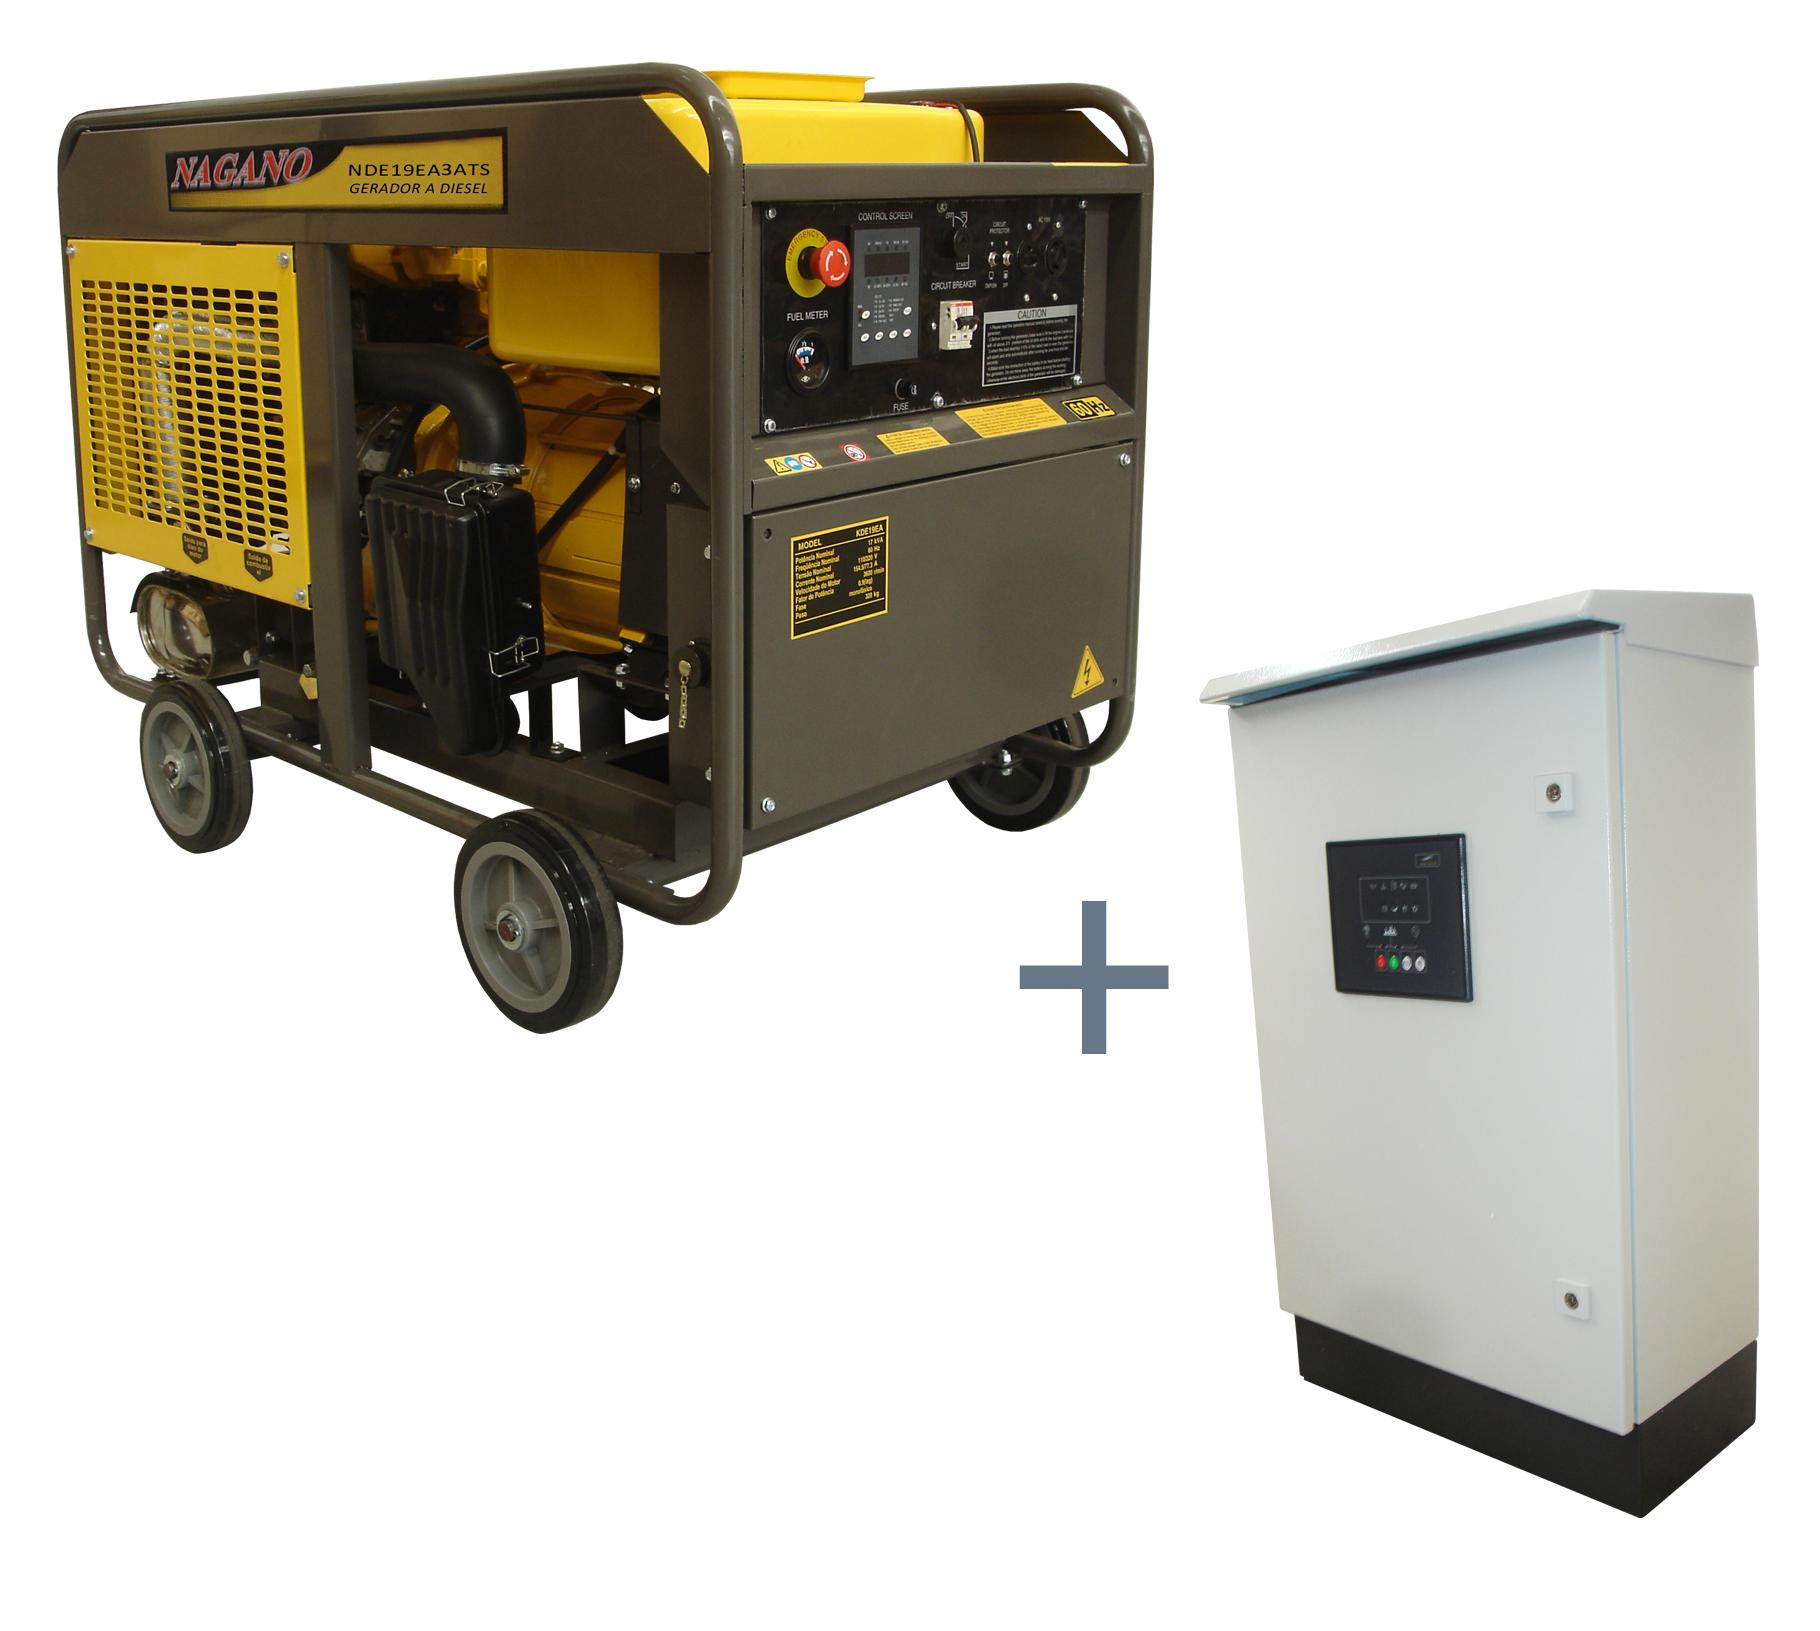 Nagano Máquinas - Gerador de energia a Diesel Trifásico 21KVA P. Elétrica  com QTA- NDE19EA3ATS (Fora de linha) 9681f34759